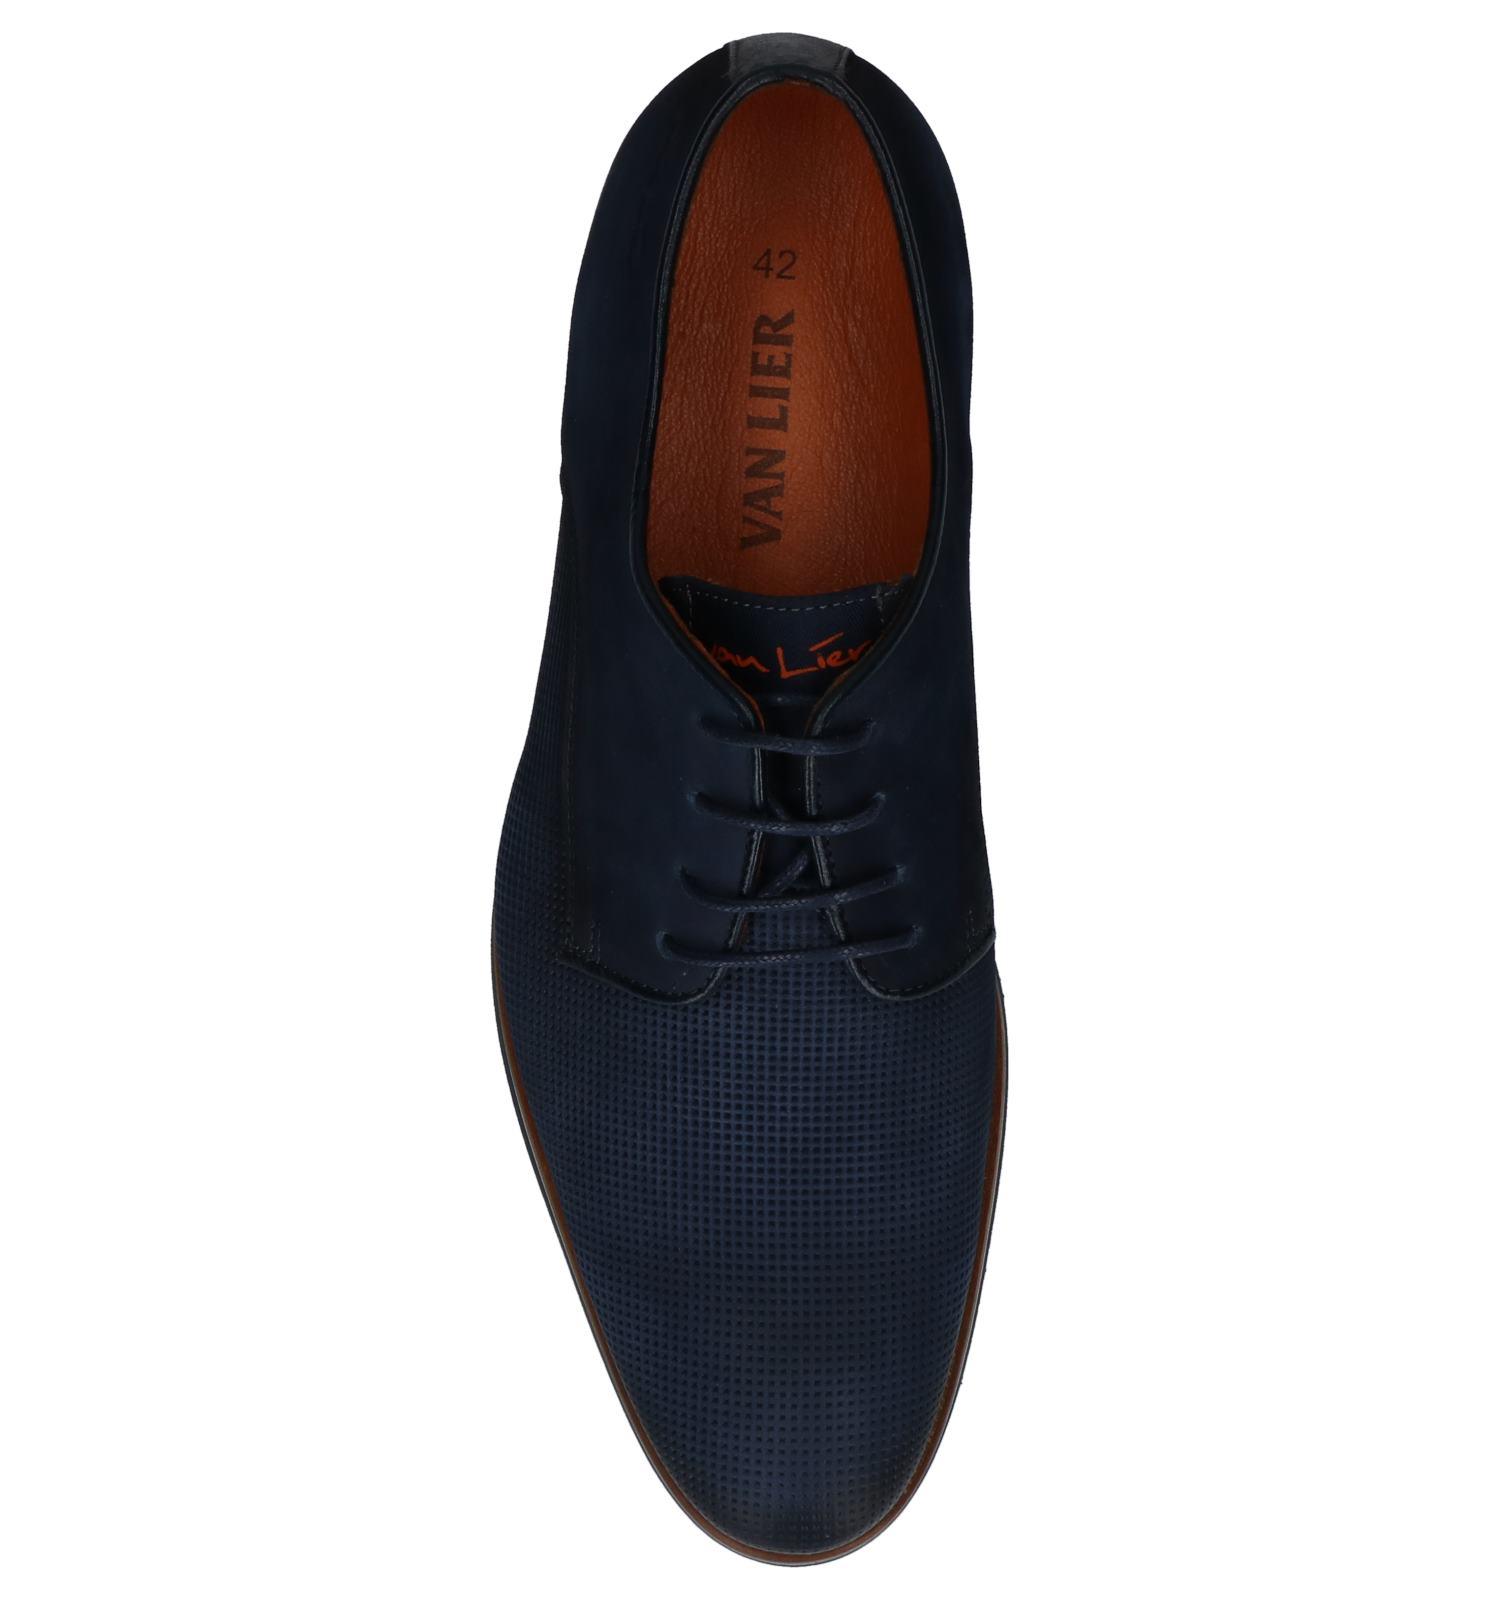 Livraison Torfs be Habillées Et bleu Foncé Lier Van Chaussures Ufwq1U0